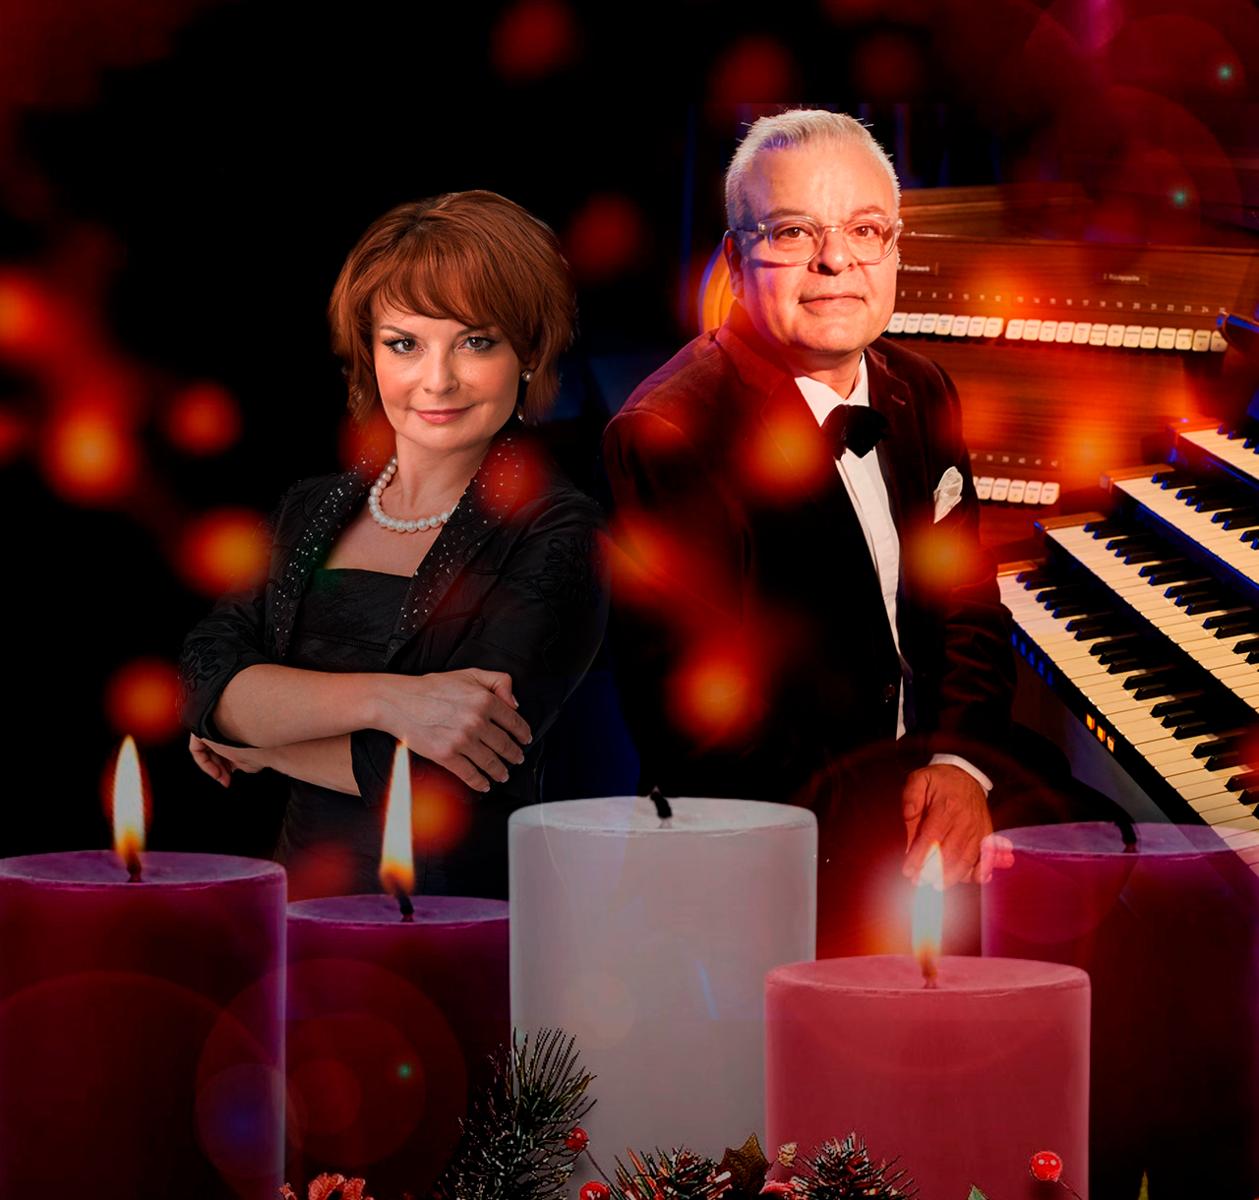 Концерт «Щелкунчик и органный король. Два органа (Франция – Россия)» – события на сайте «Московские Сезоны»